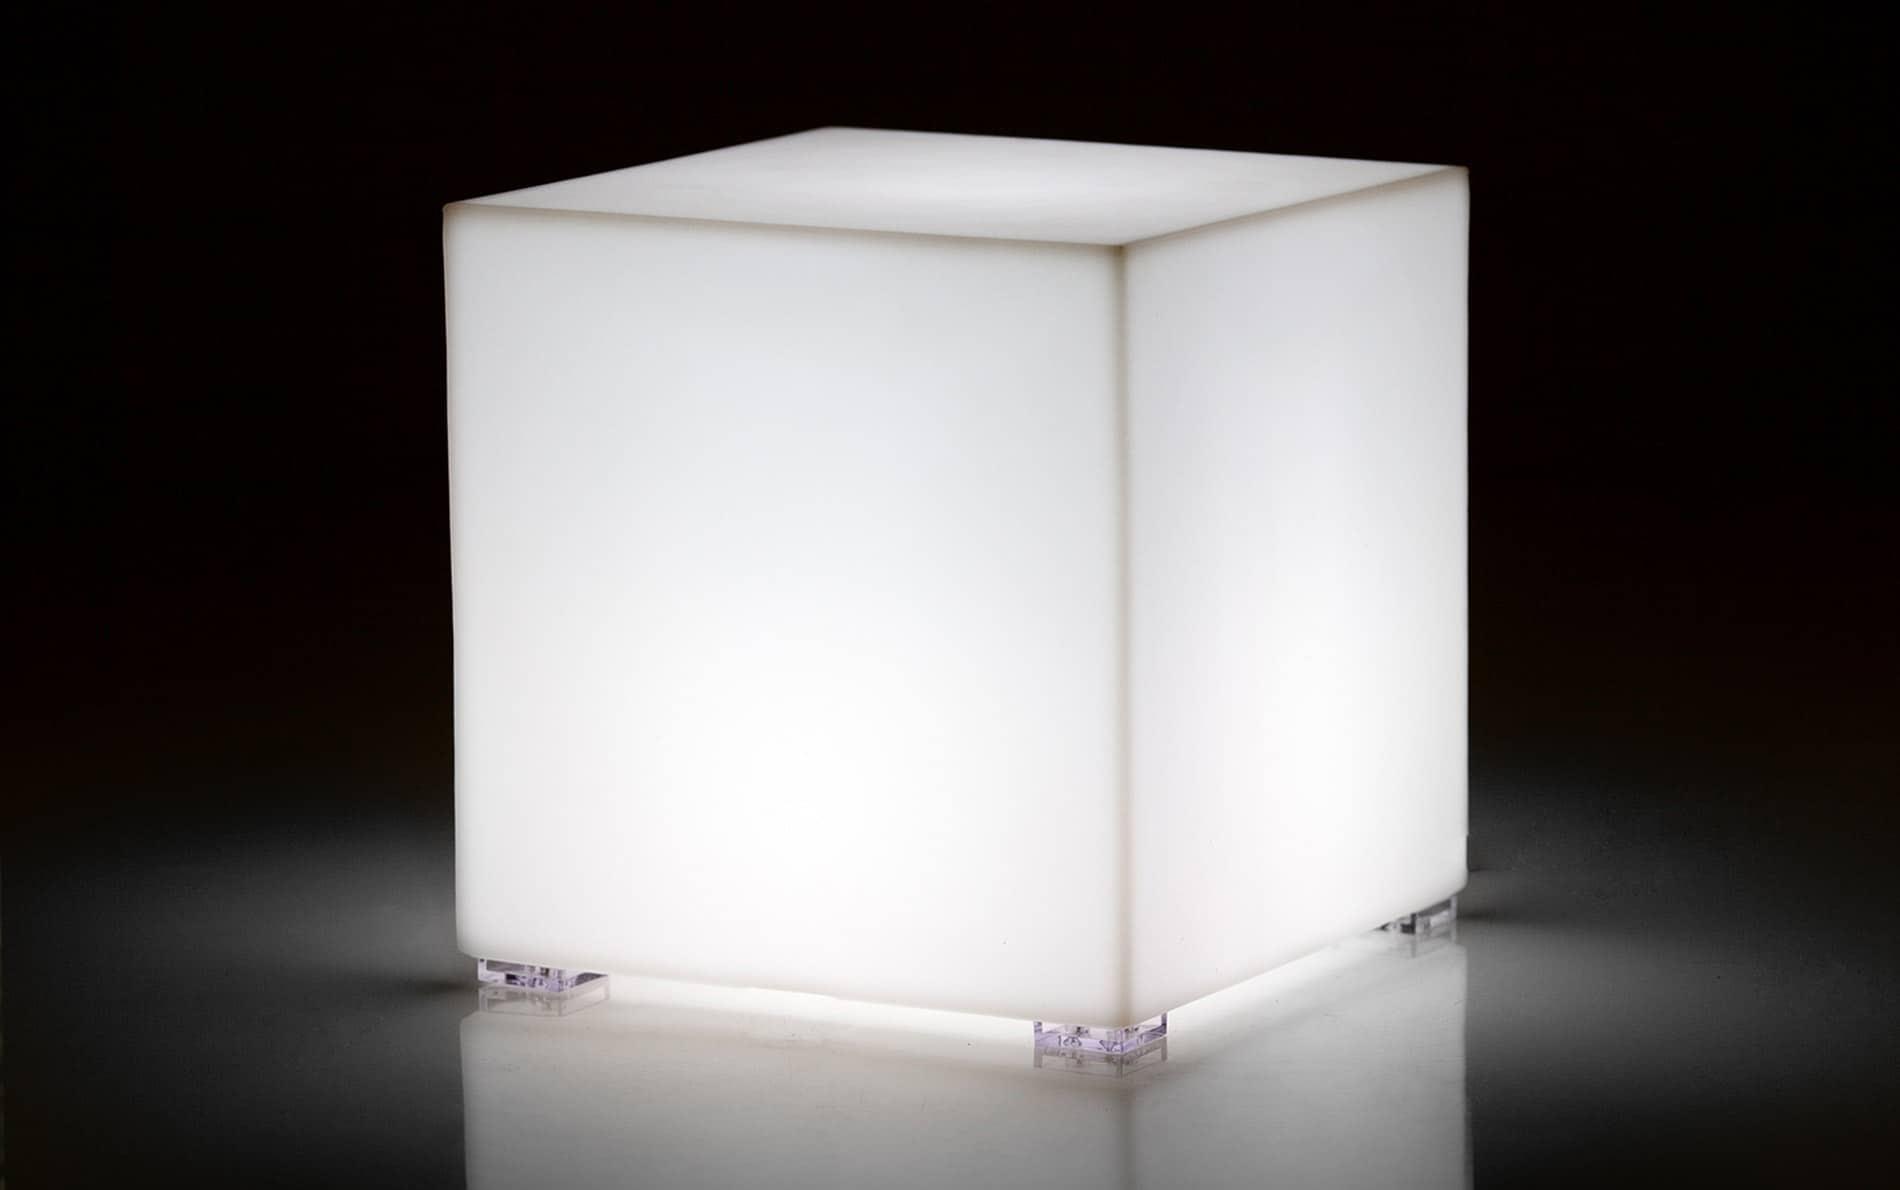 vondom kubik led beistelltisch hocker. Black Bedroom Furniture Sets. Home Design Ideas